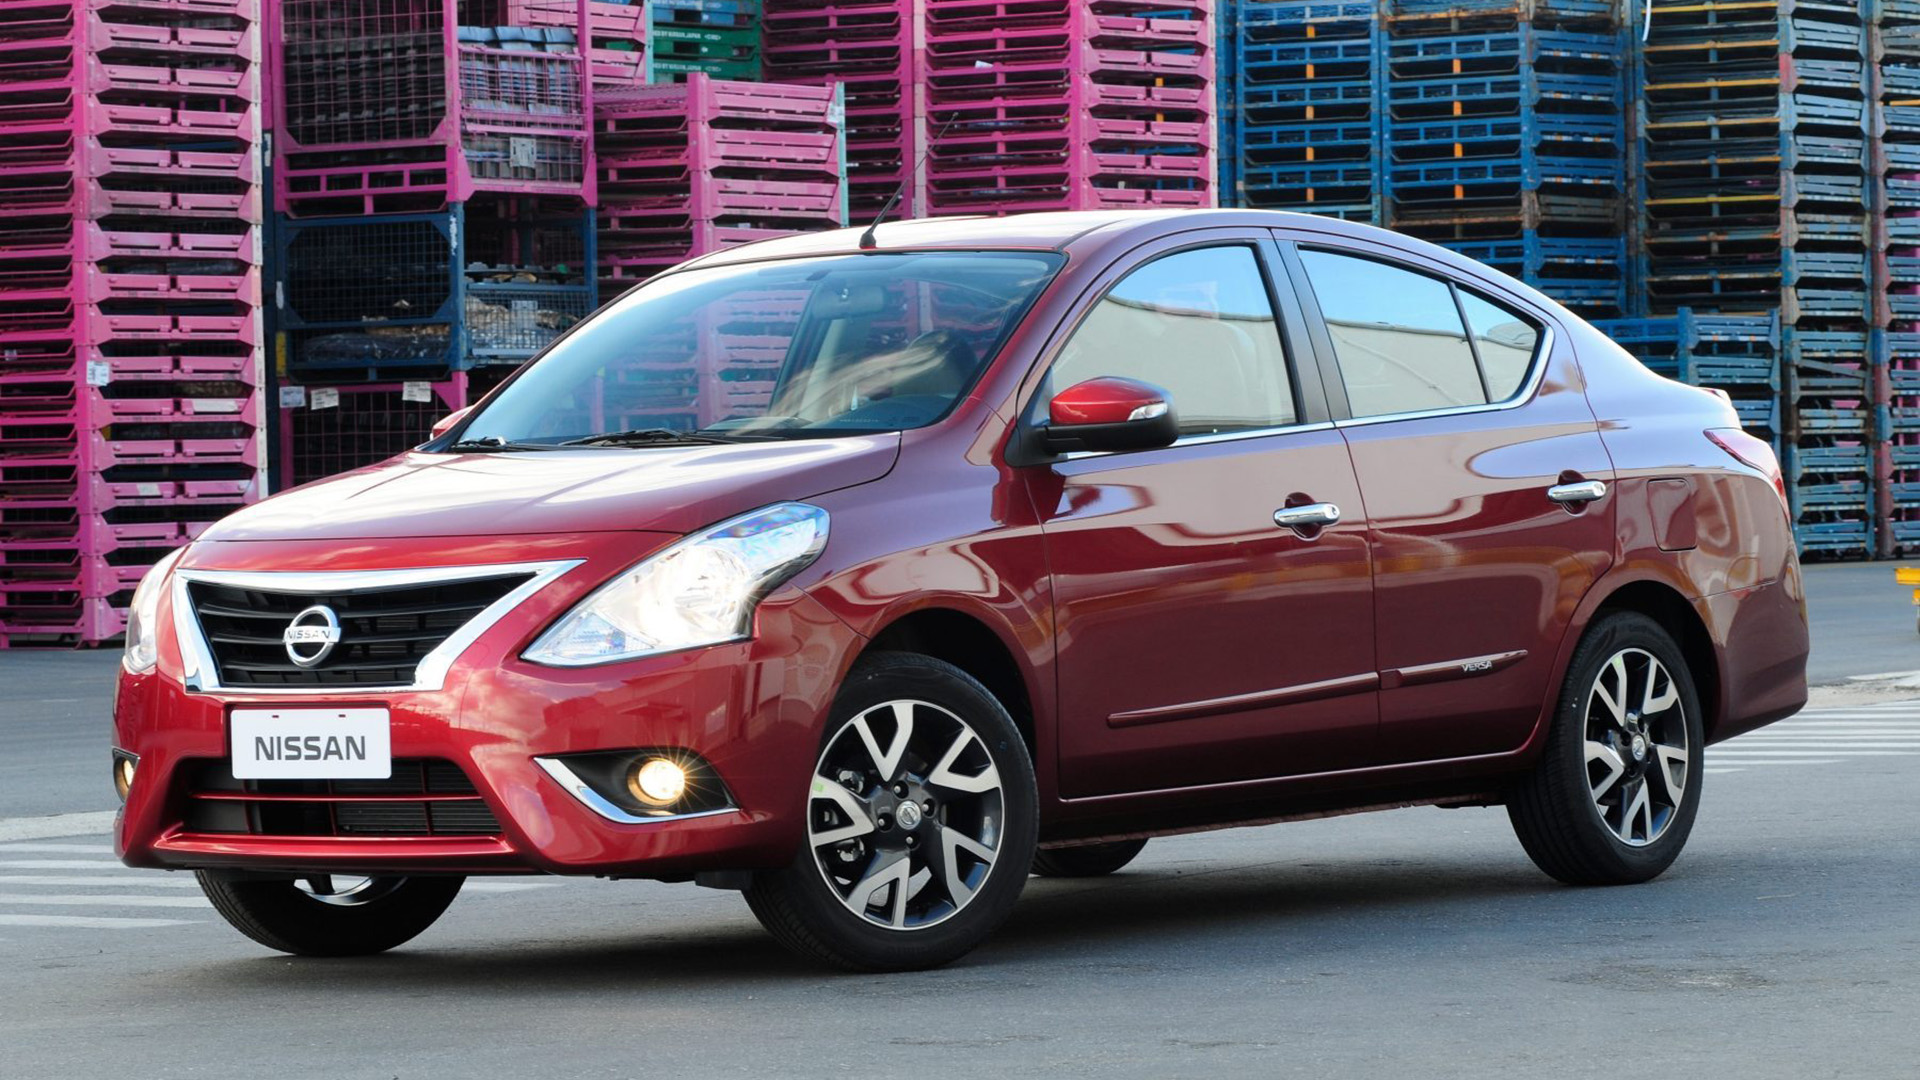 Versa es un auto espacioso y cómodo que a su vez tiene una eficiencia de combustible sorprendente. Eso se logró gracias a la aerodinámica exterior que se desliza a través del viento y el avanzado motor de 1.6 litros y 4 cilindros que maximiza la eficiencia y el rendimiento. Todo forma parte del compromiso de Nissan con crear un medio de transporte ecológico